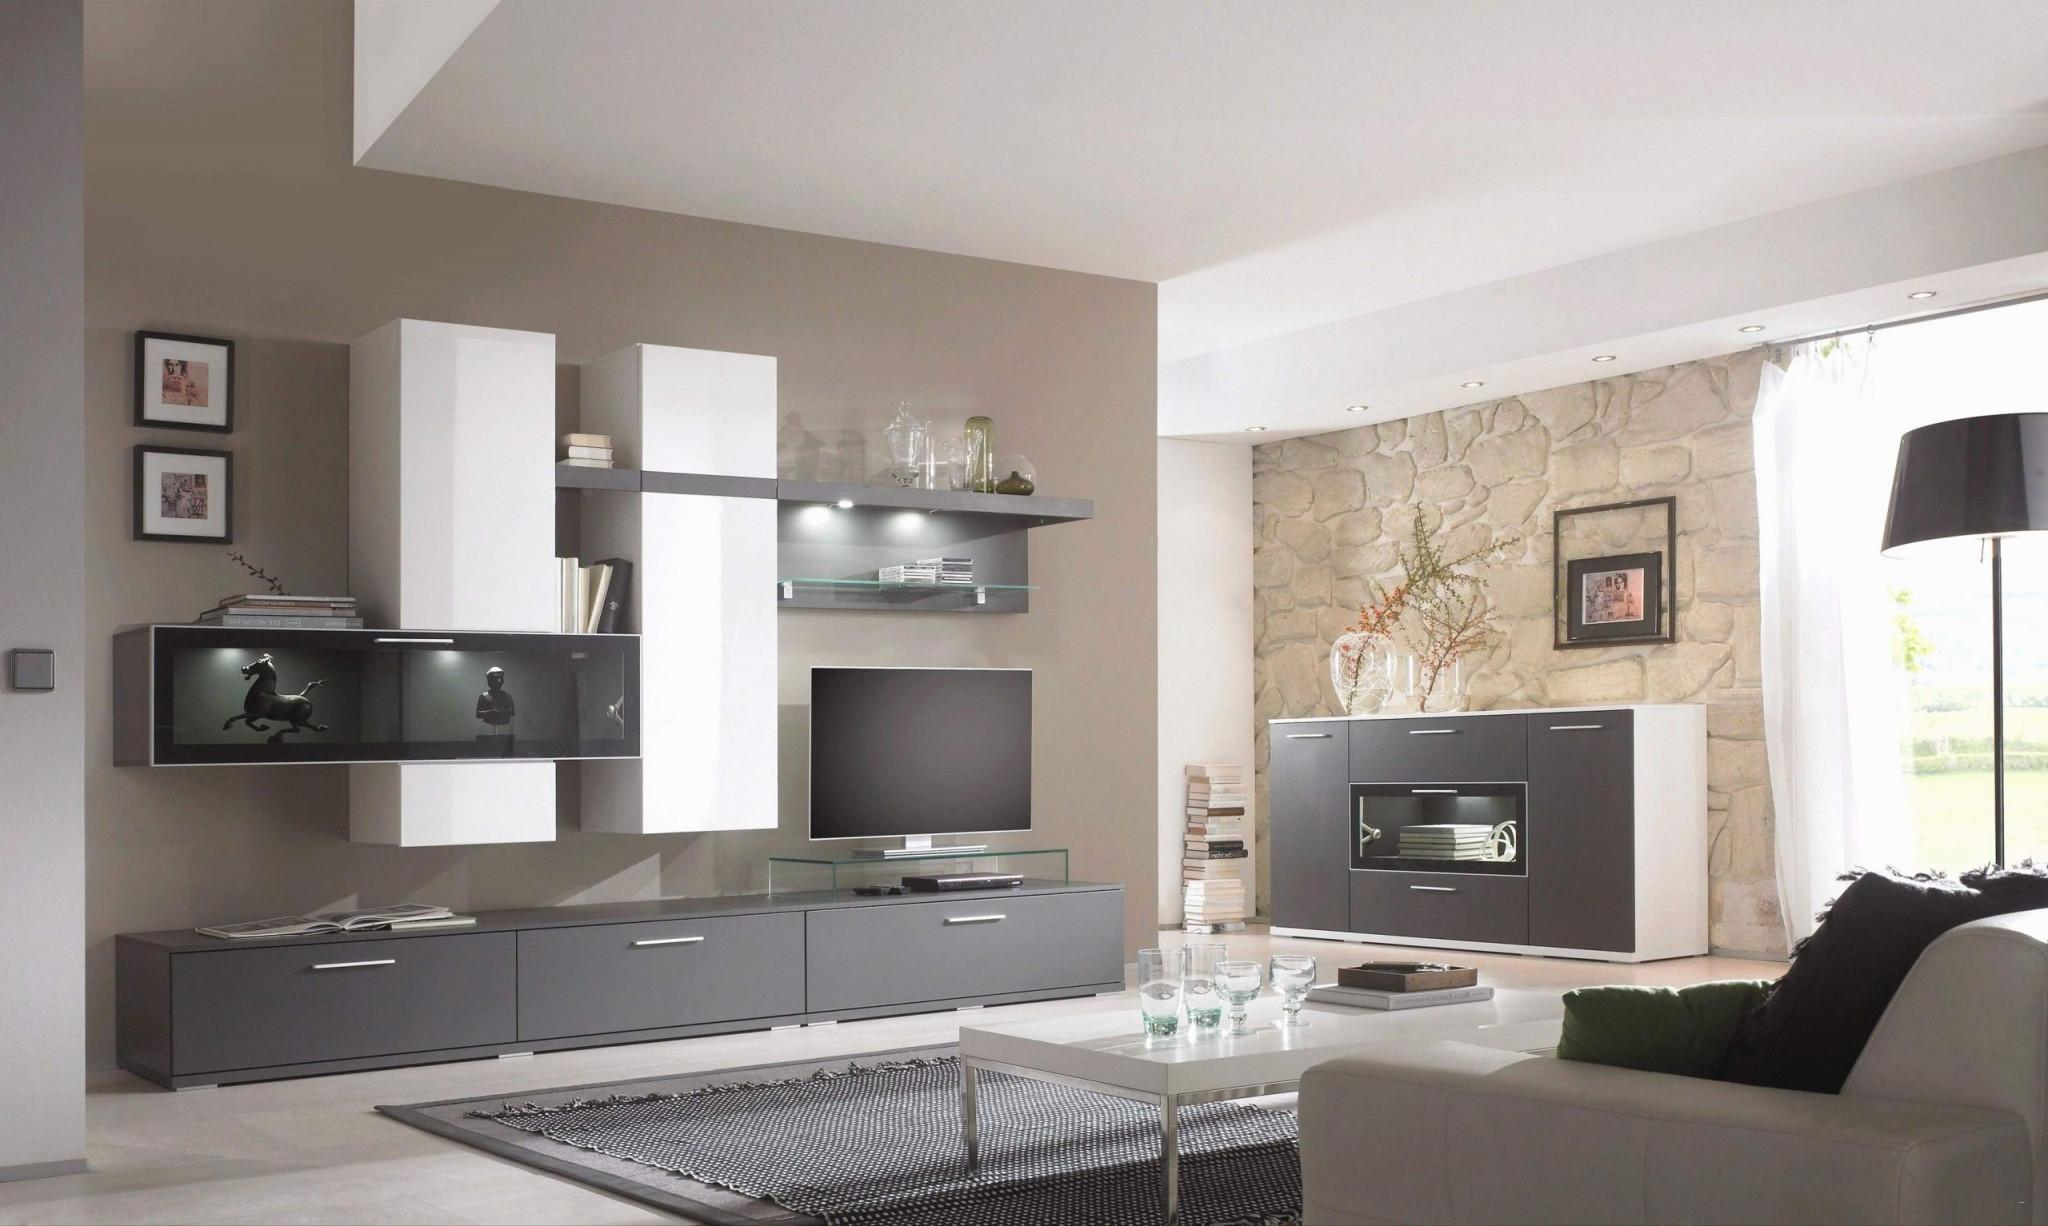 40 Genial Wohnzimmer Farblich Gestalten Das Beste Von von Wohnzimmer Farblich Gestalten Photo